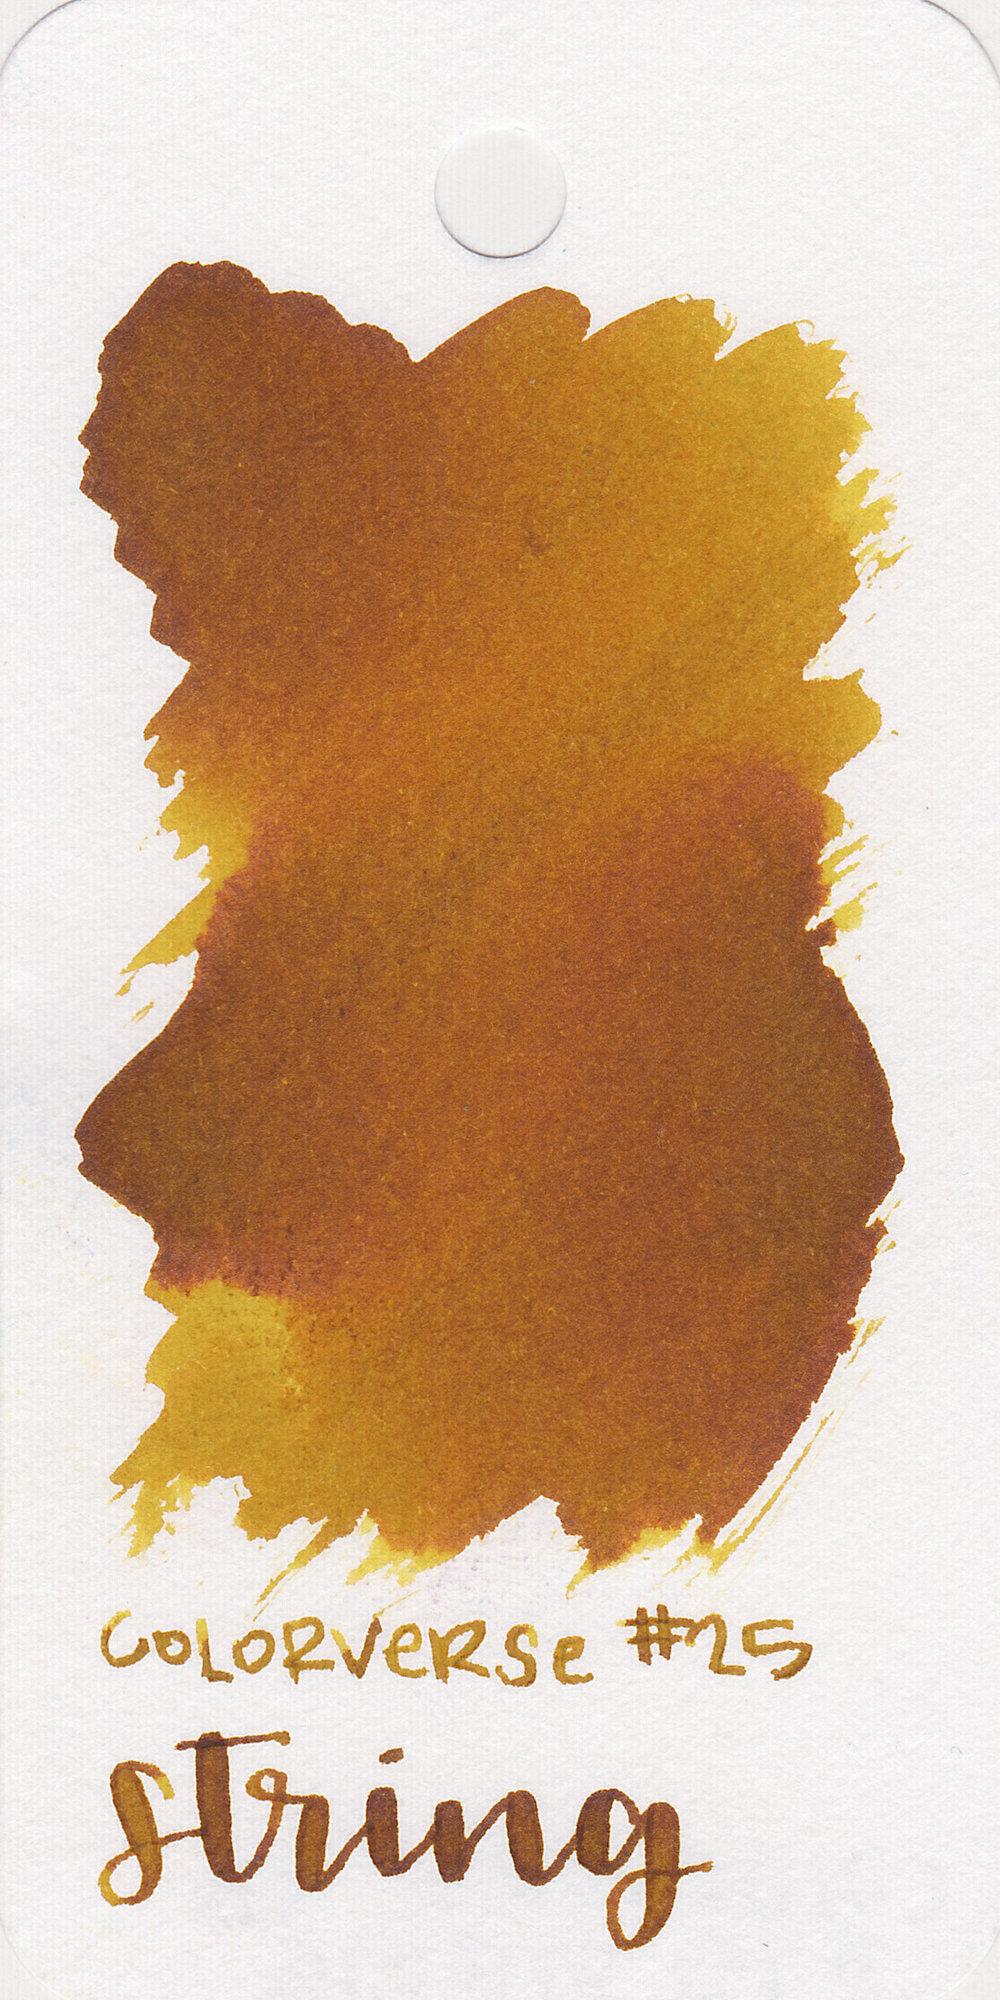 cv-string-brane-5.jpg